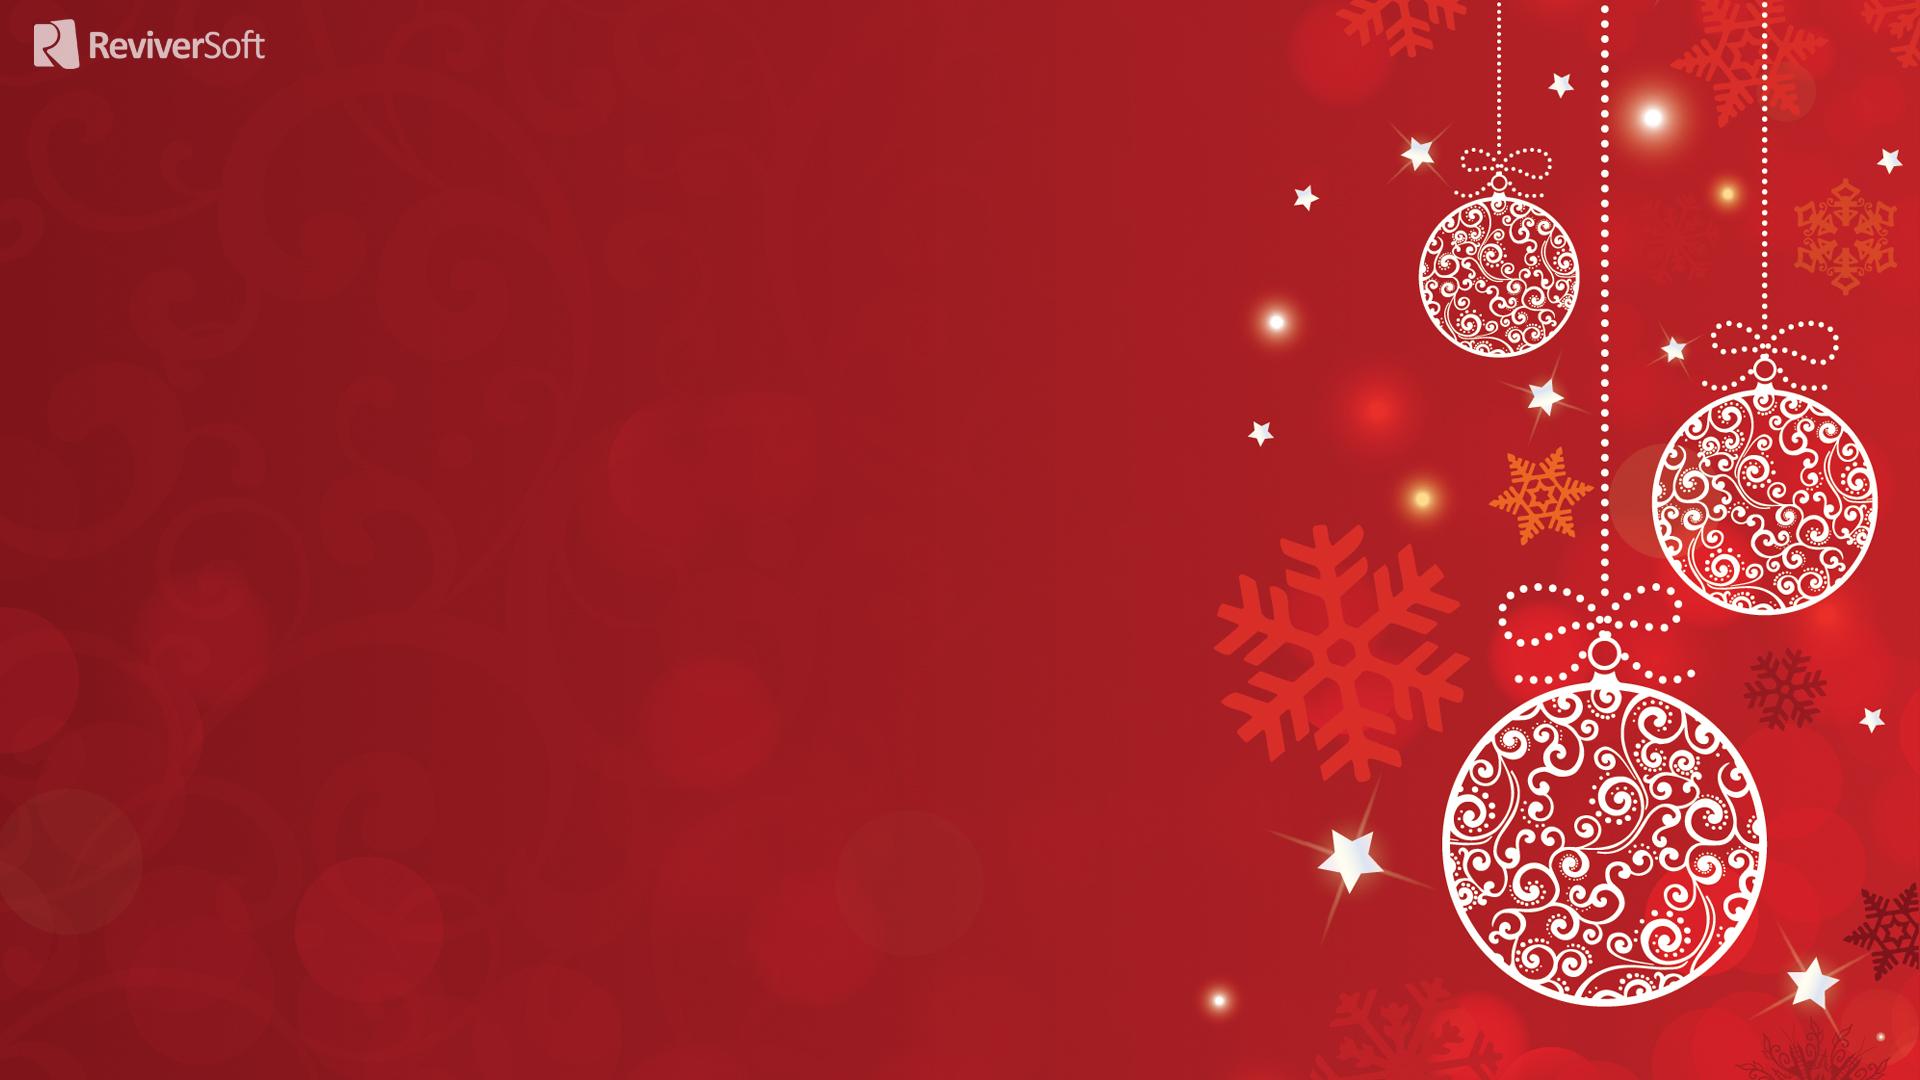 Открытки, новогодние фоны на открытку